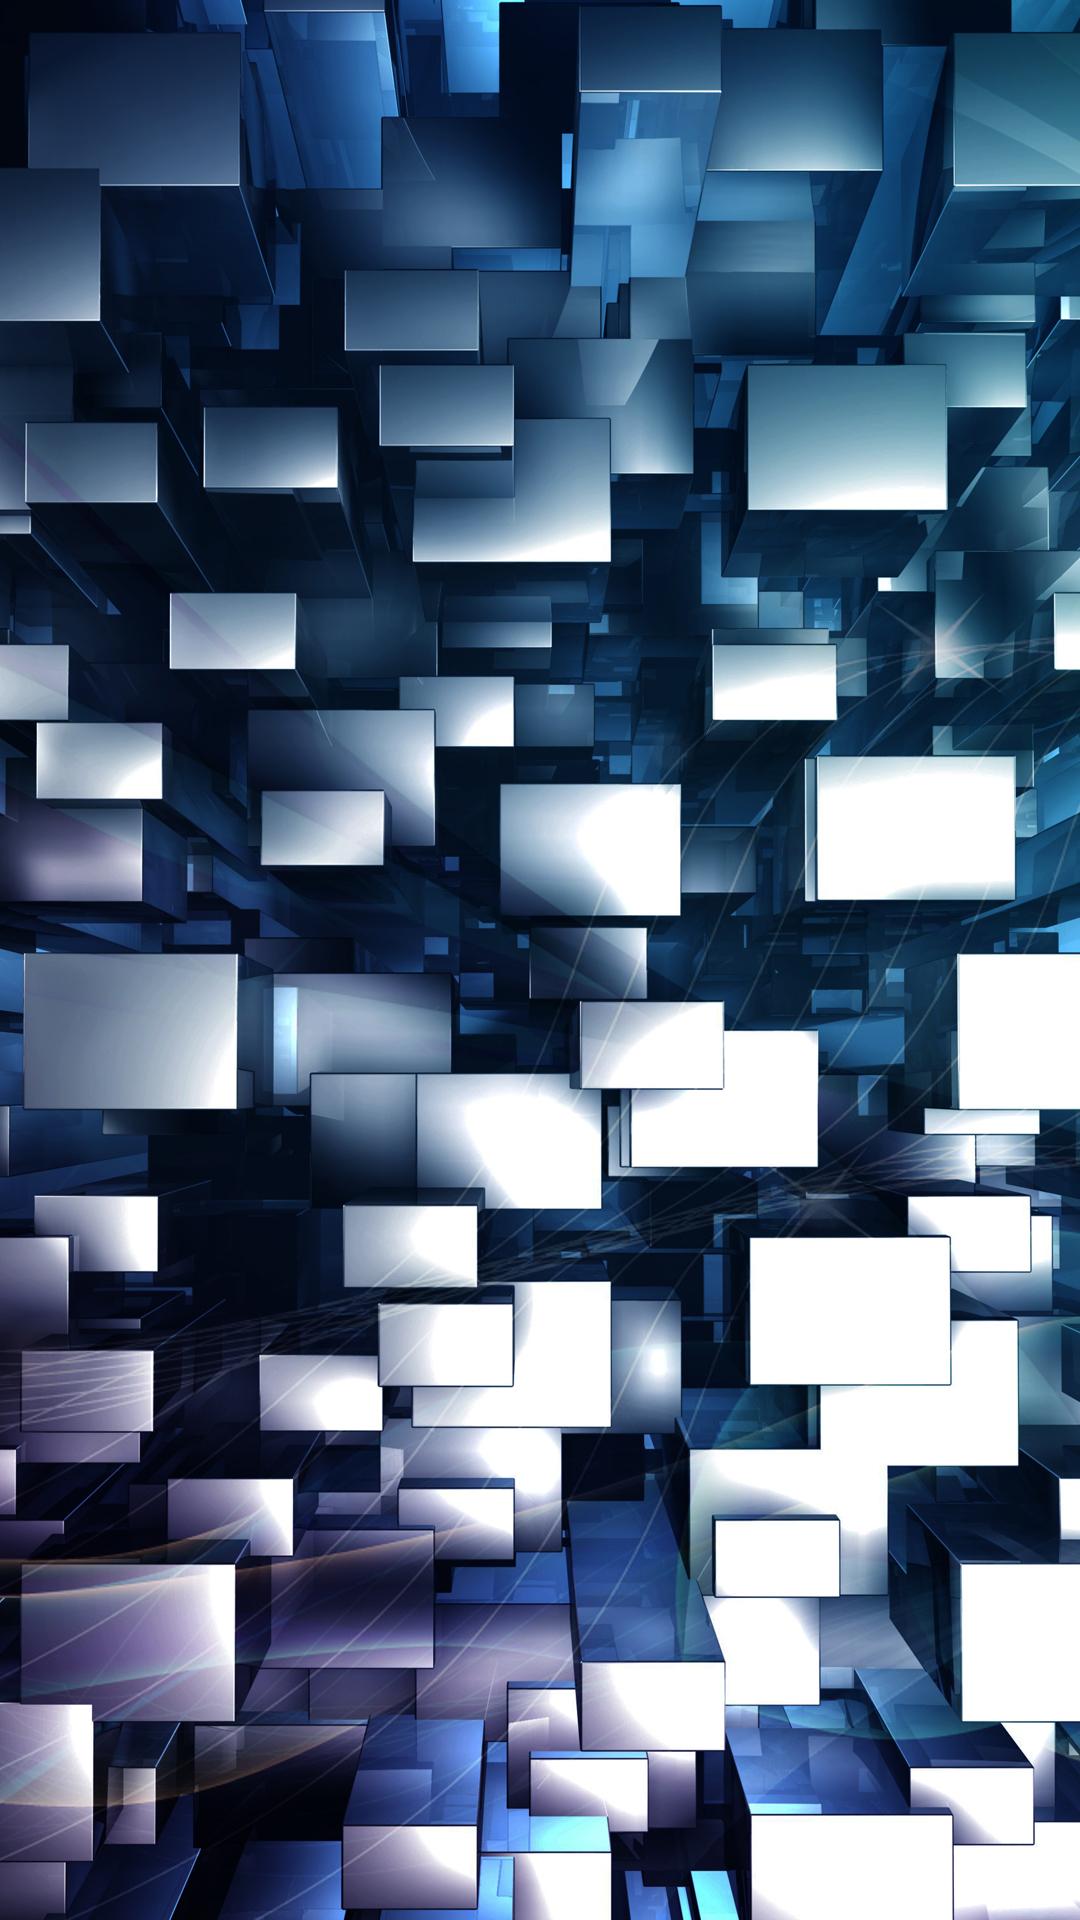 3d Monitors Iphone Wallpaper Hd